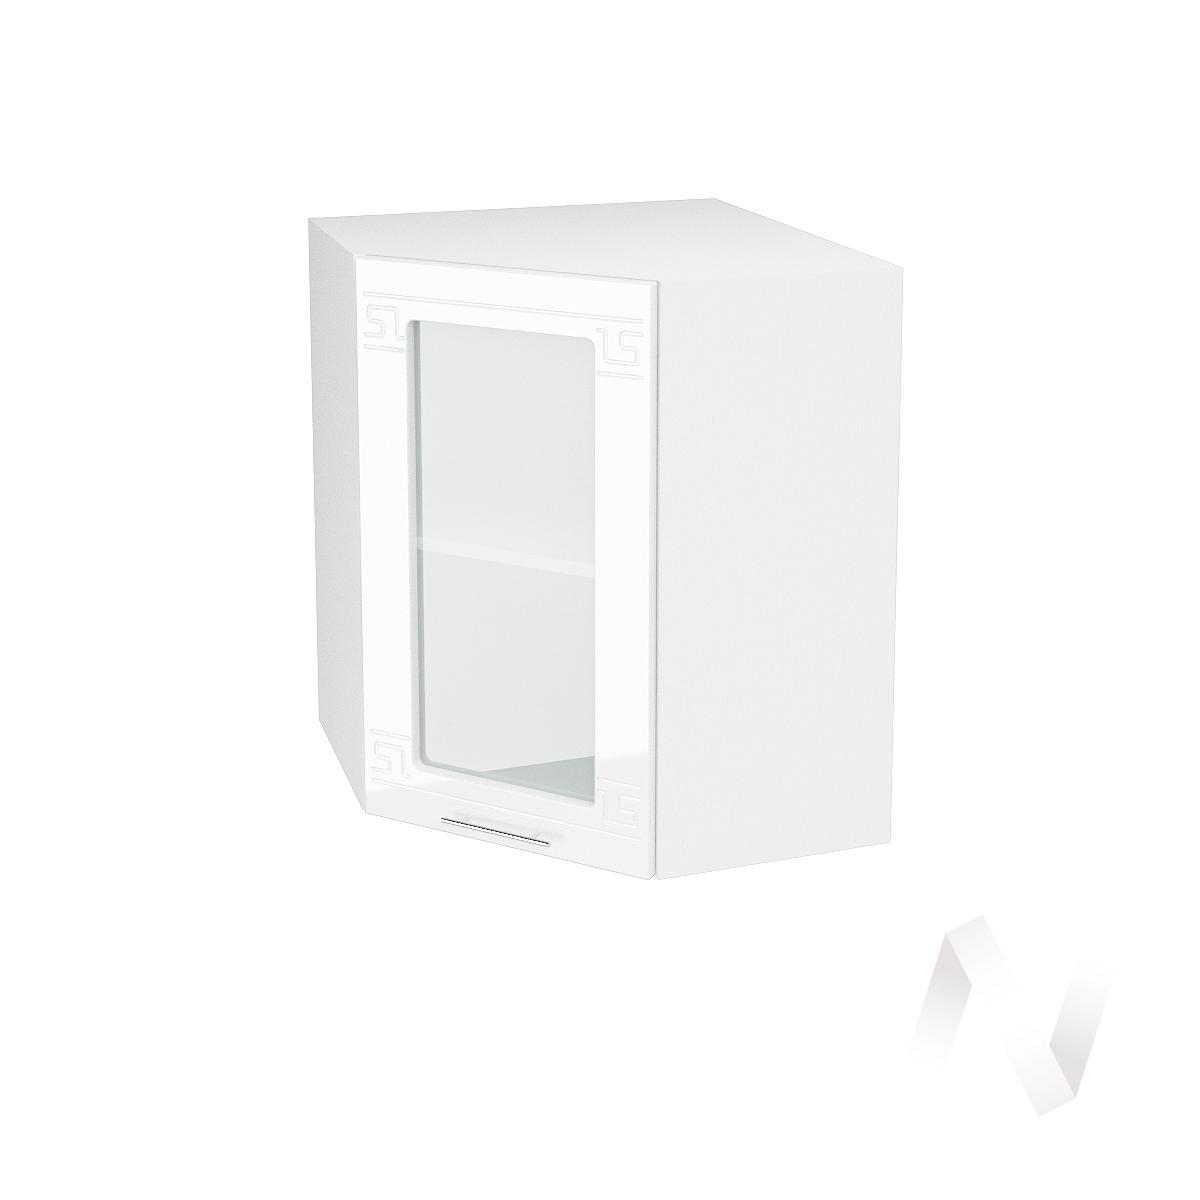 """Кухня """"Греция"""": Шкаф верхний угловой со стеклом 590, ШВУС 590 (белый металлик/корпус белый)  в Новосибирске - интернет магазин Мебельный Проспект"""